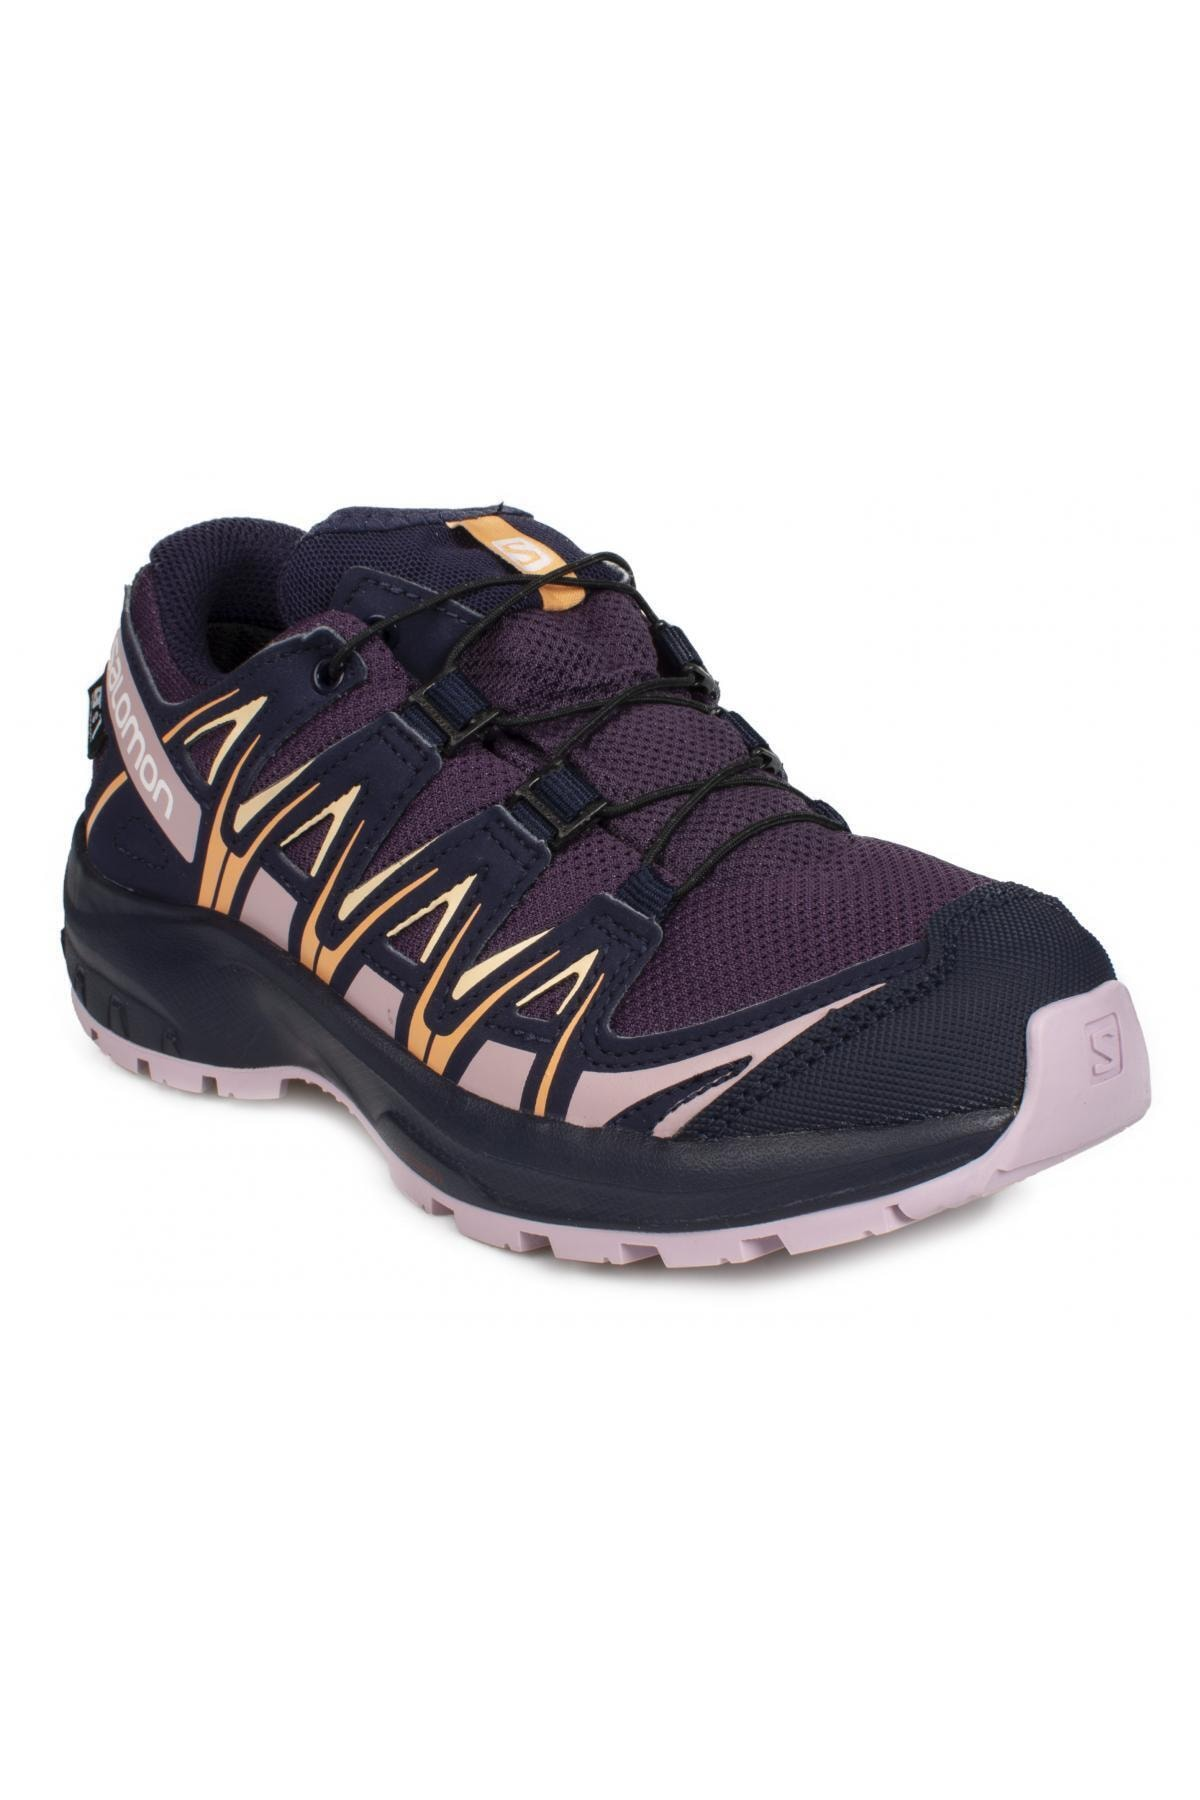 Salomon Unisex Mor Ayakkabı 1